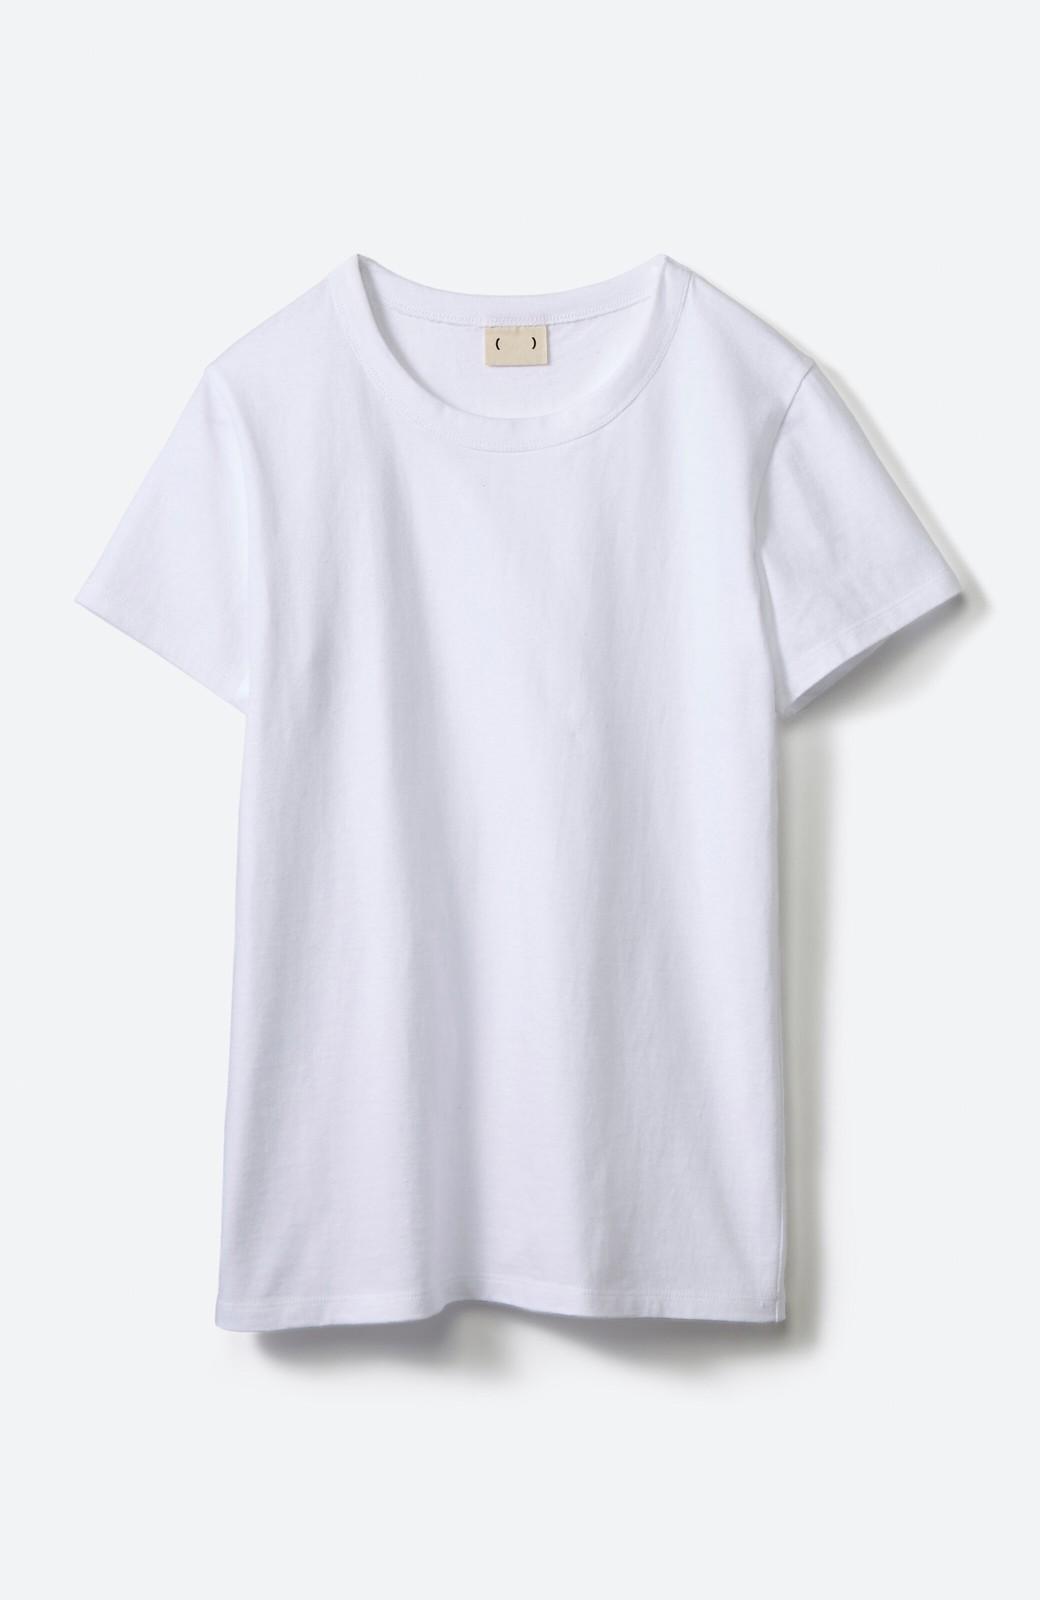 haco! Tシャツを女っぽく着こなせるオトナセットbyMAKORI <ホワイト>の商品写真3